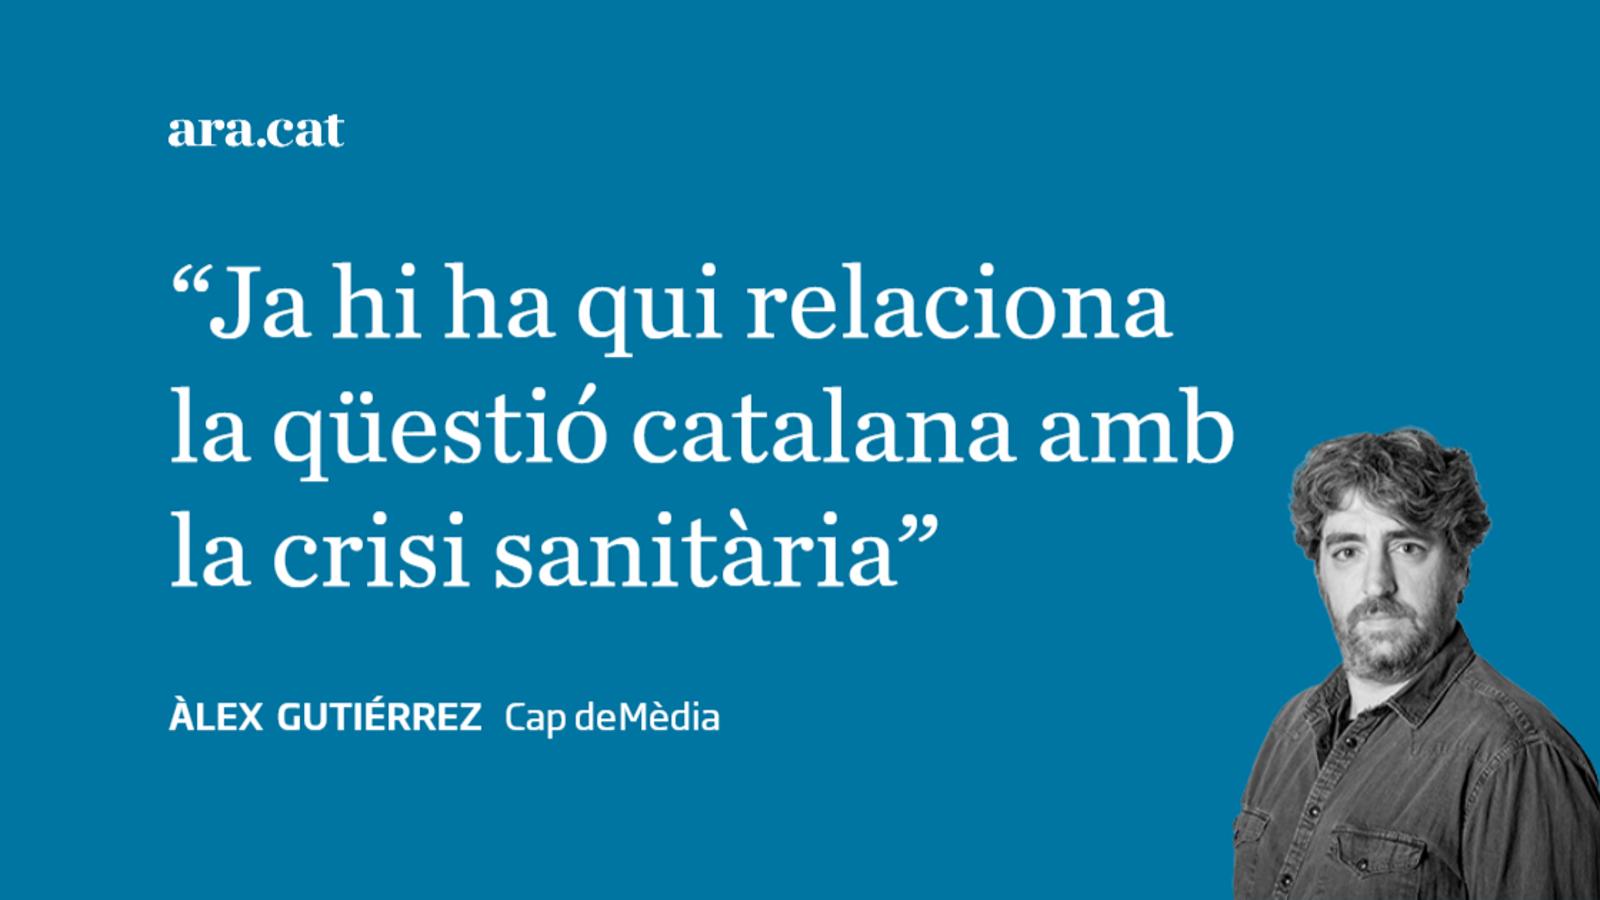 La culpa dels estralls del coronavirus, dels catalans